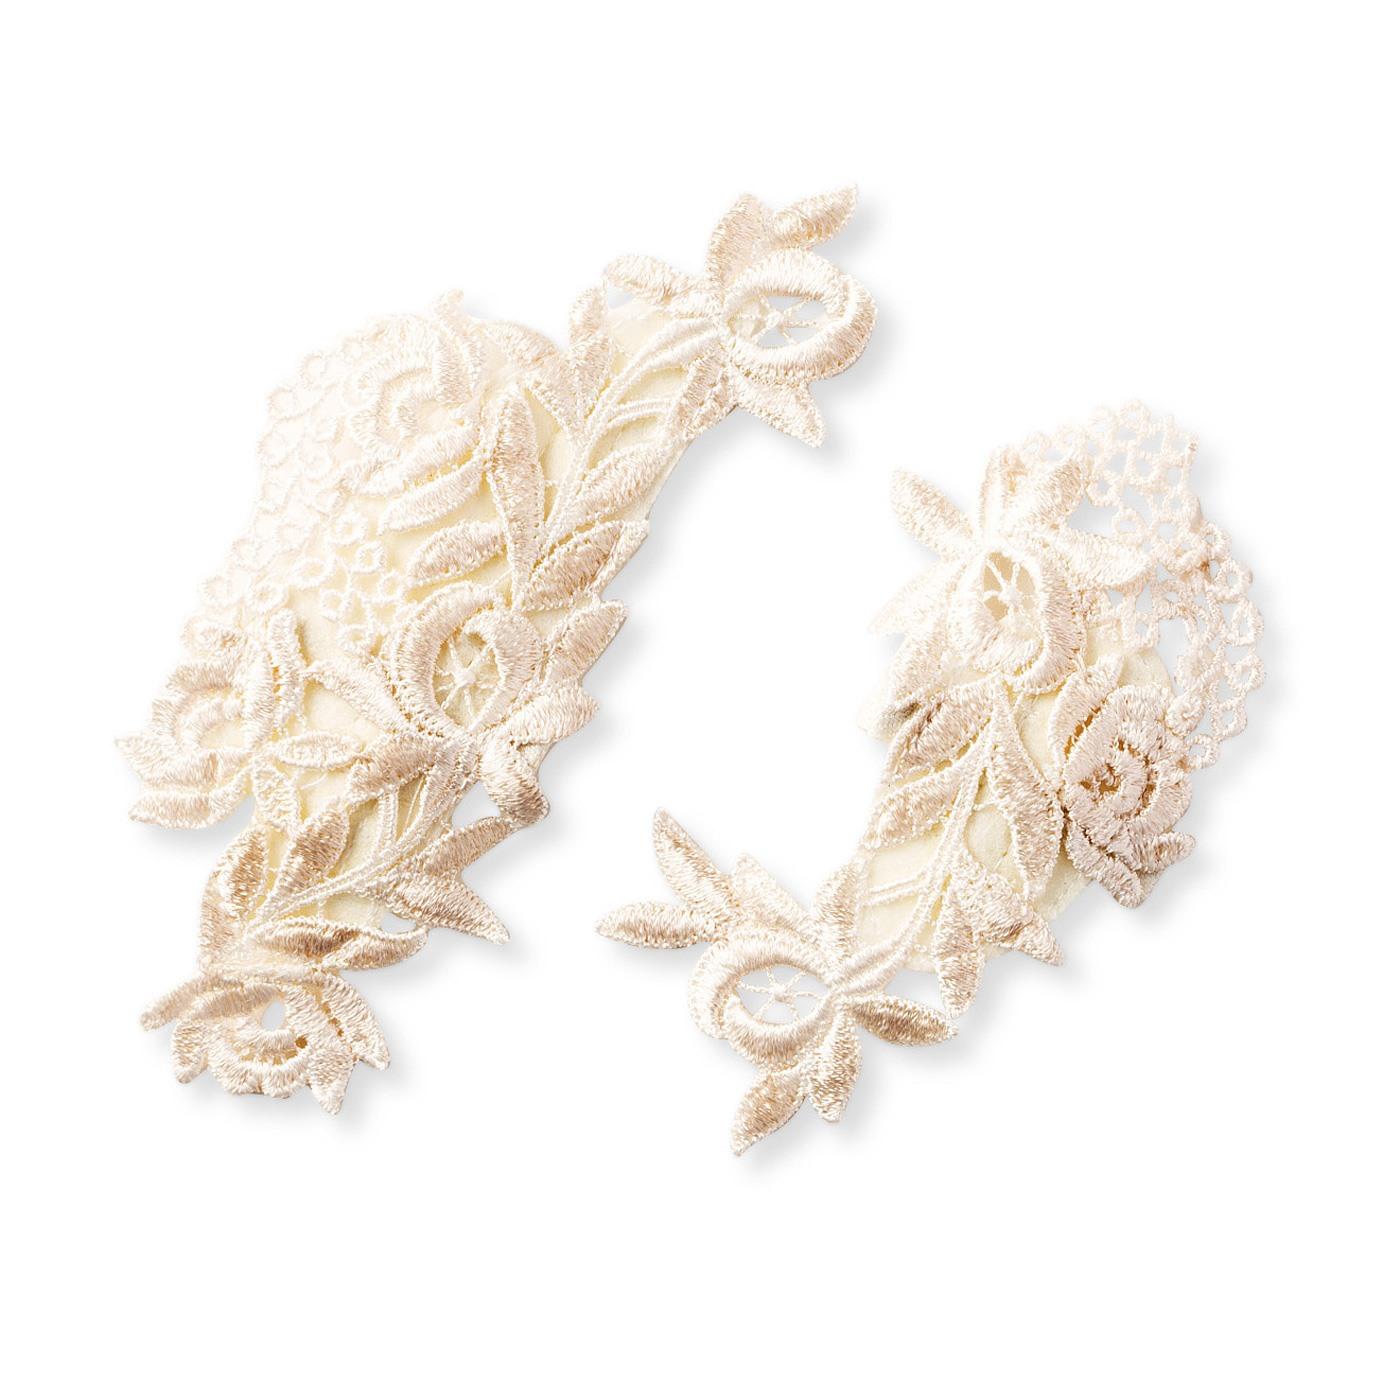 お花や植物があしらわれた6種類のデザインからお届けします。